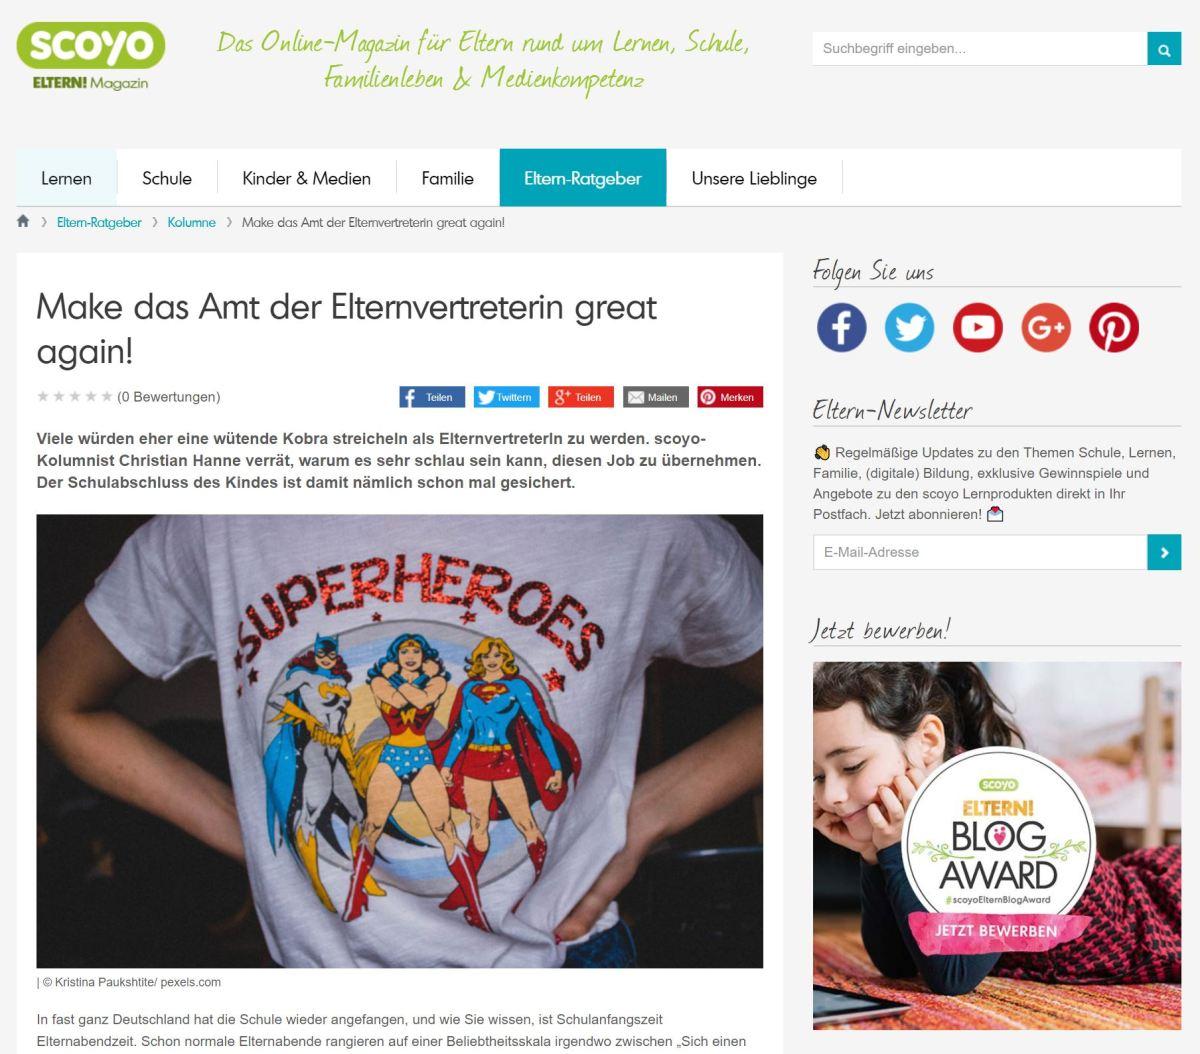 scoyo-Kolumne: Make das Amt der Elternvertreterin great again!